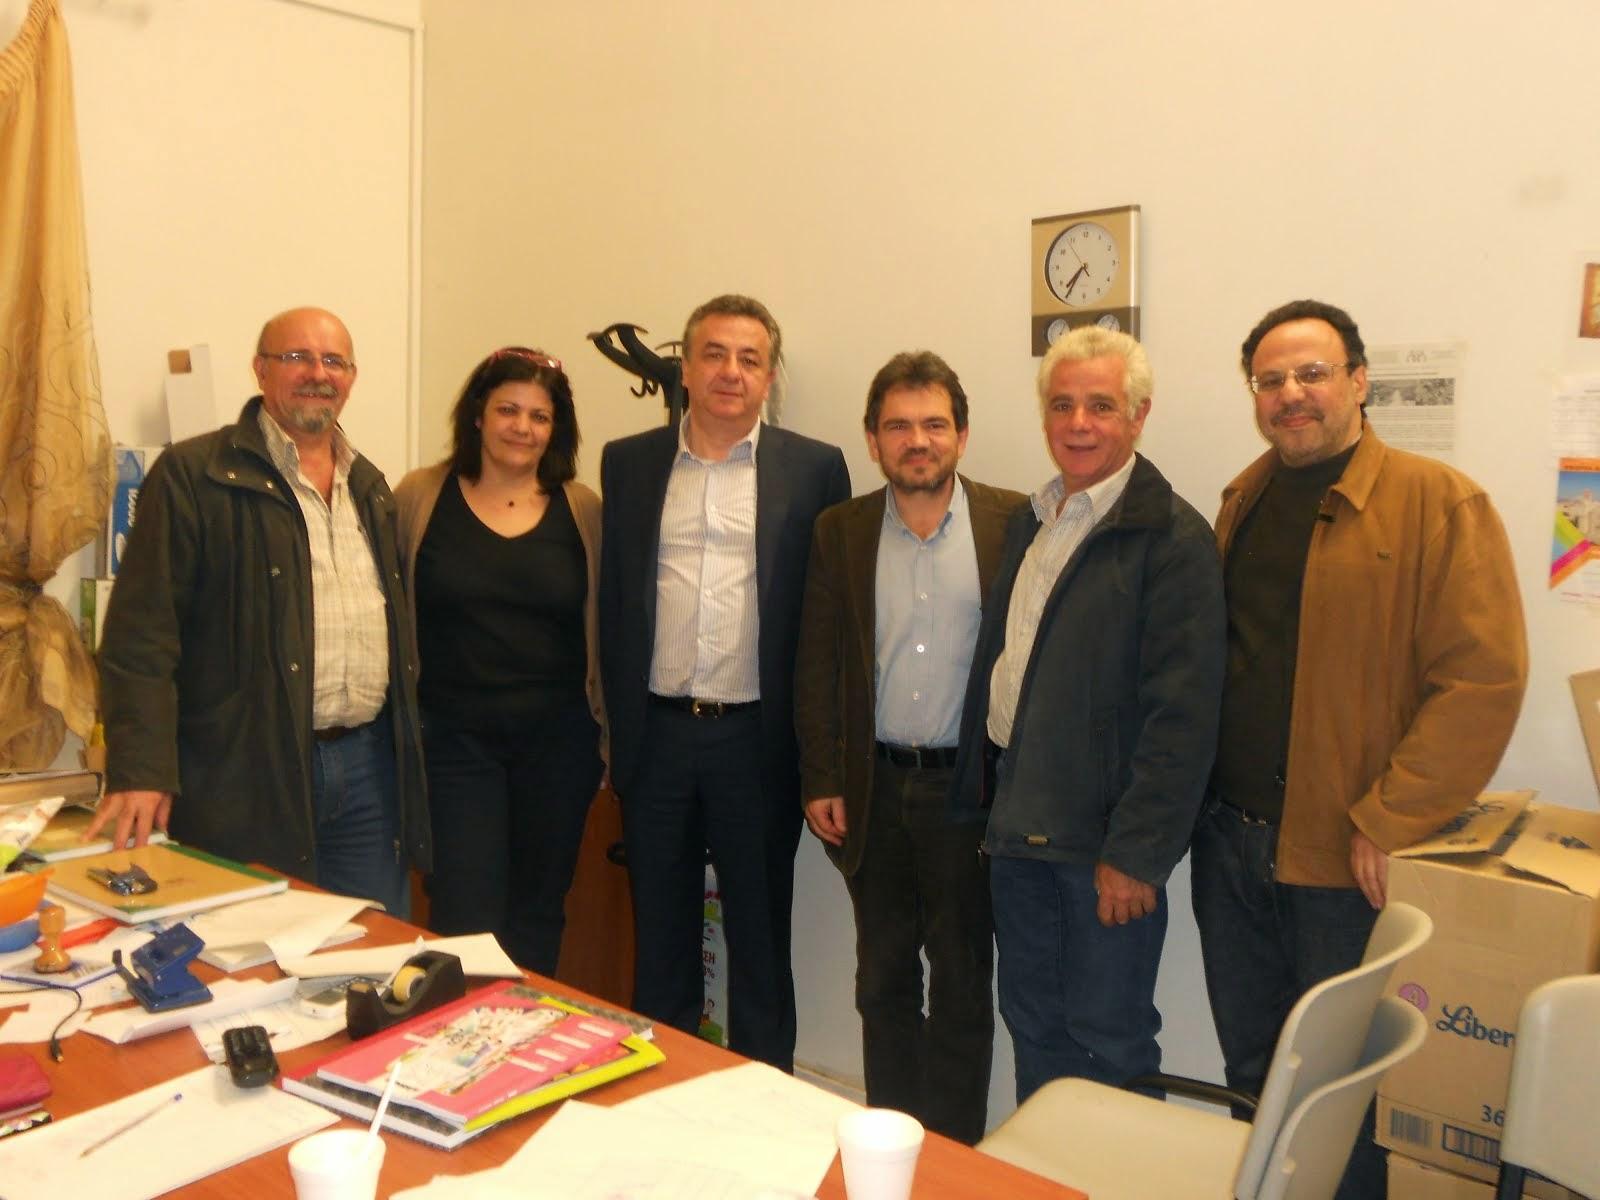 Συνάντηση με Περιφερειάρχη Κρήτης 25/3/2014